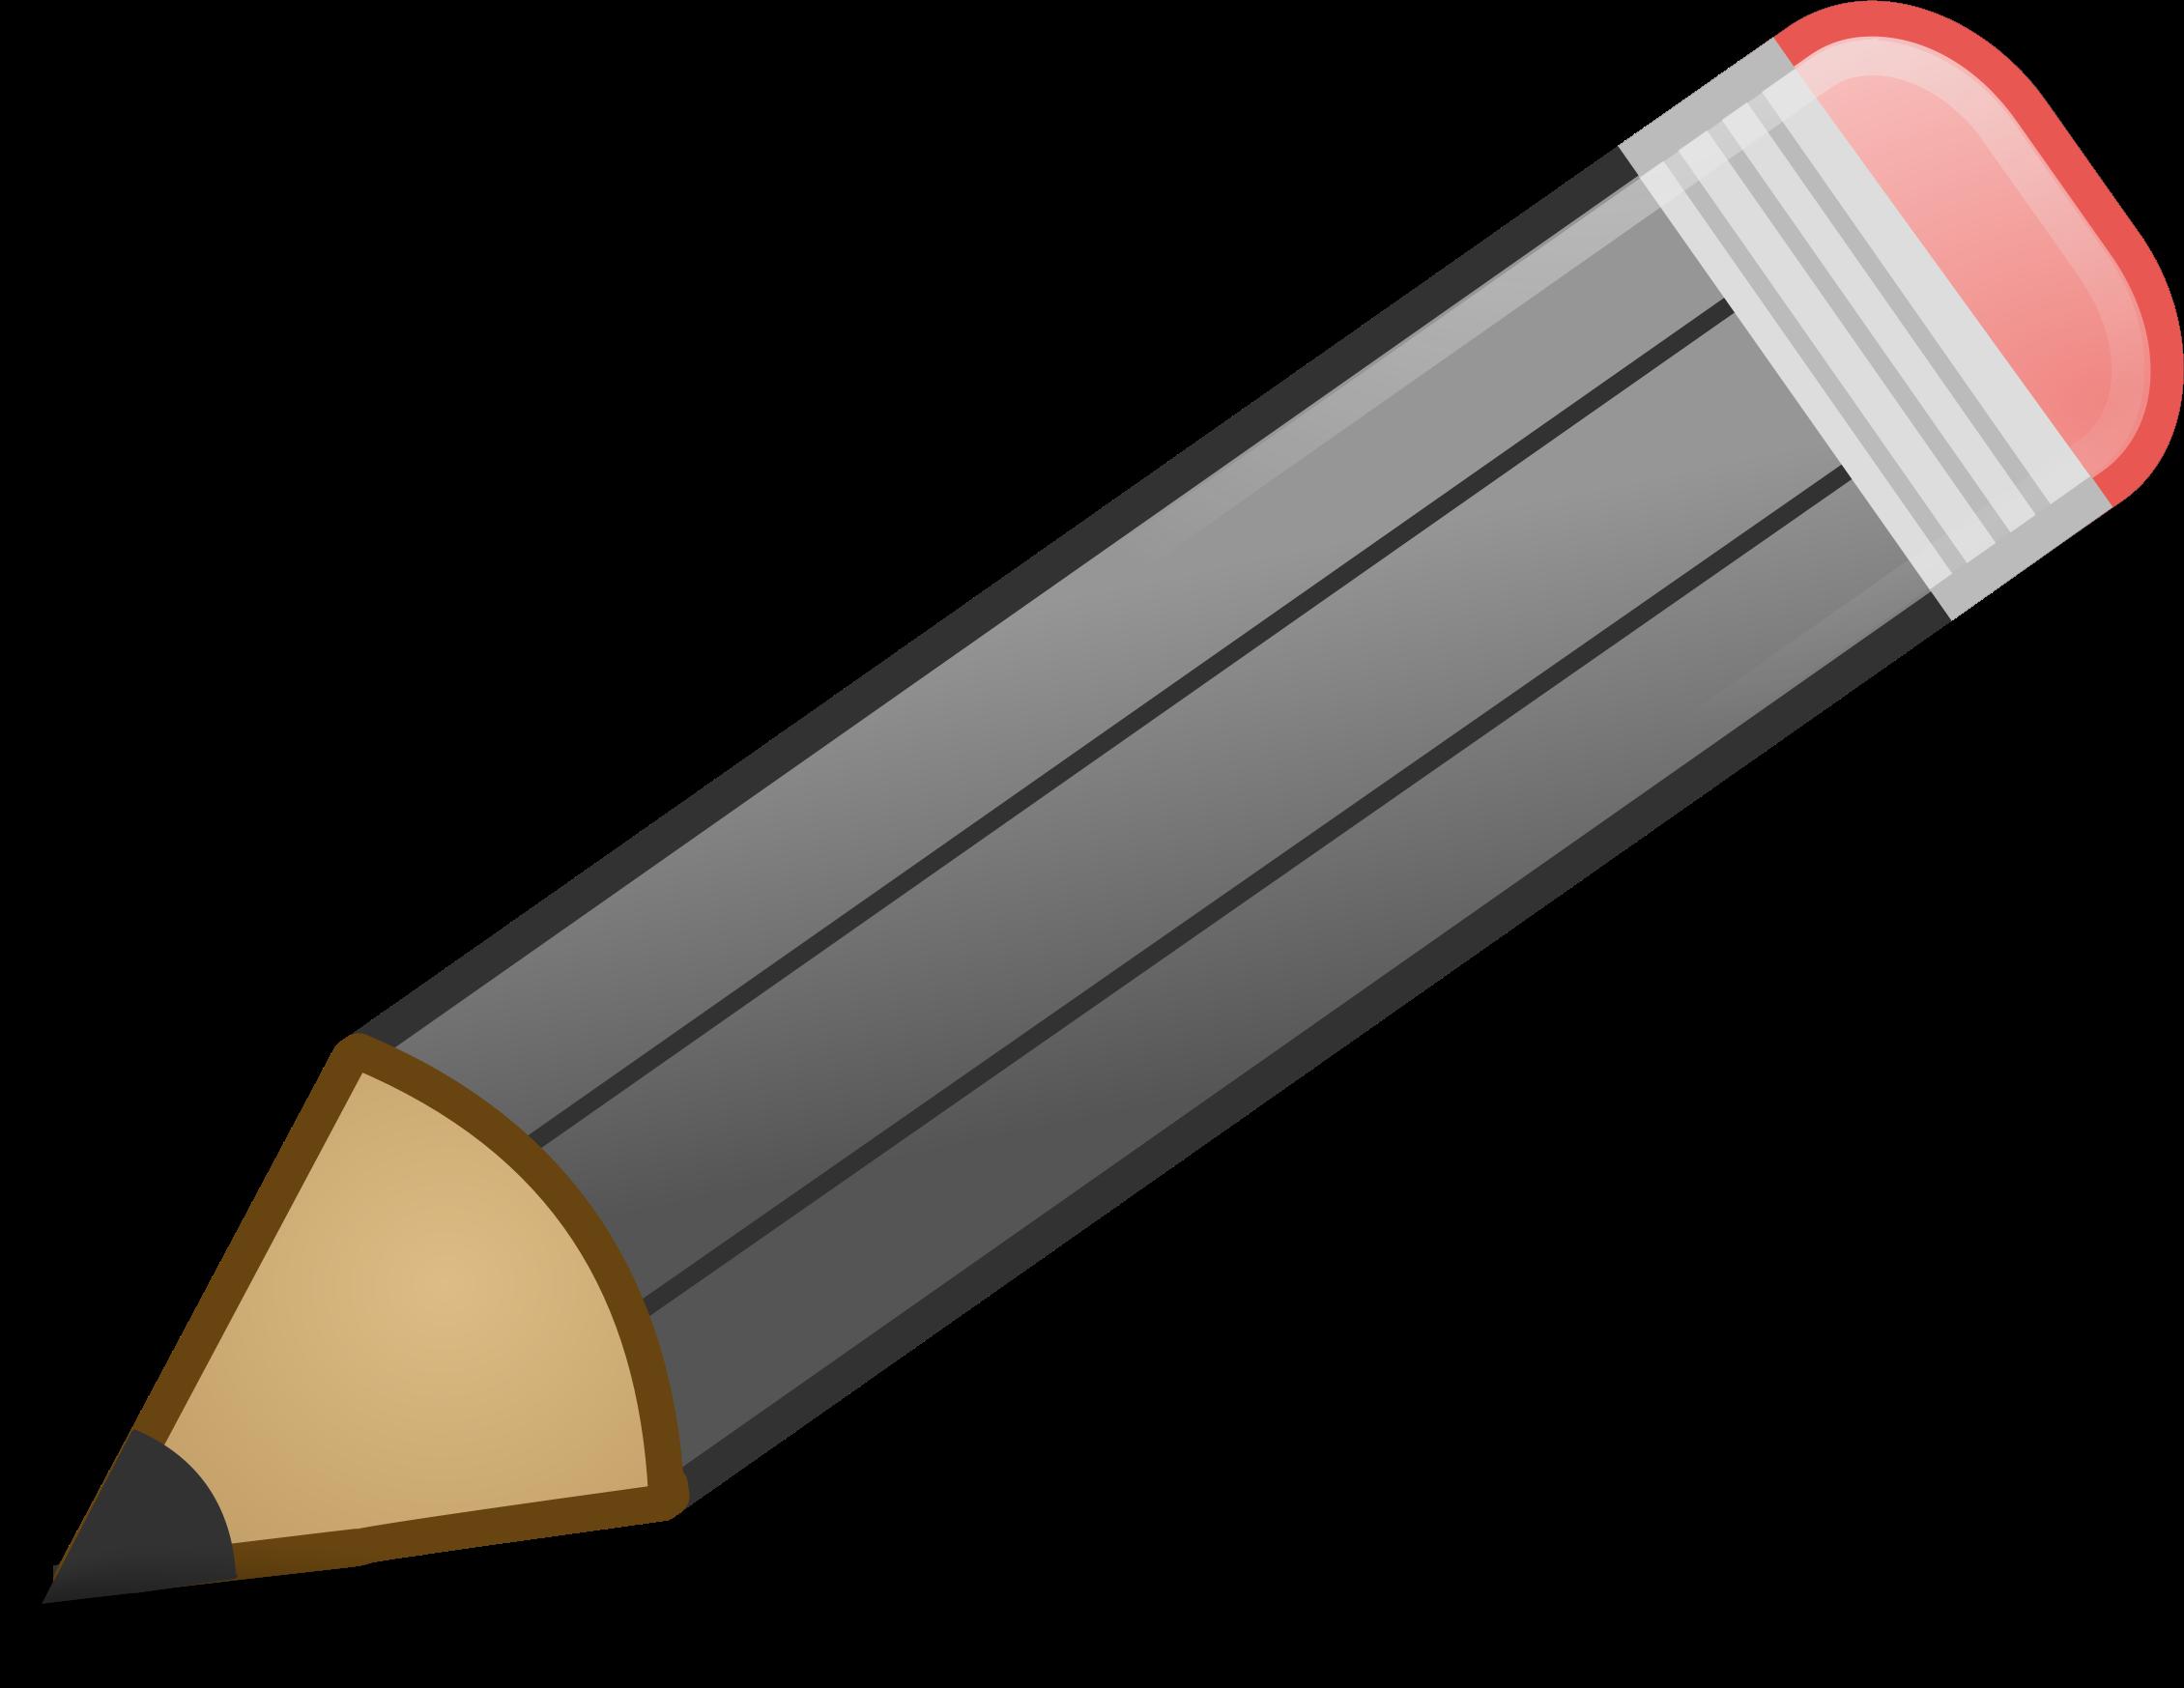 Wmf Clipart Editor.